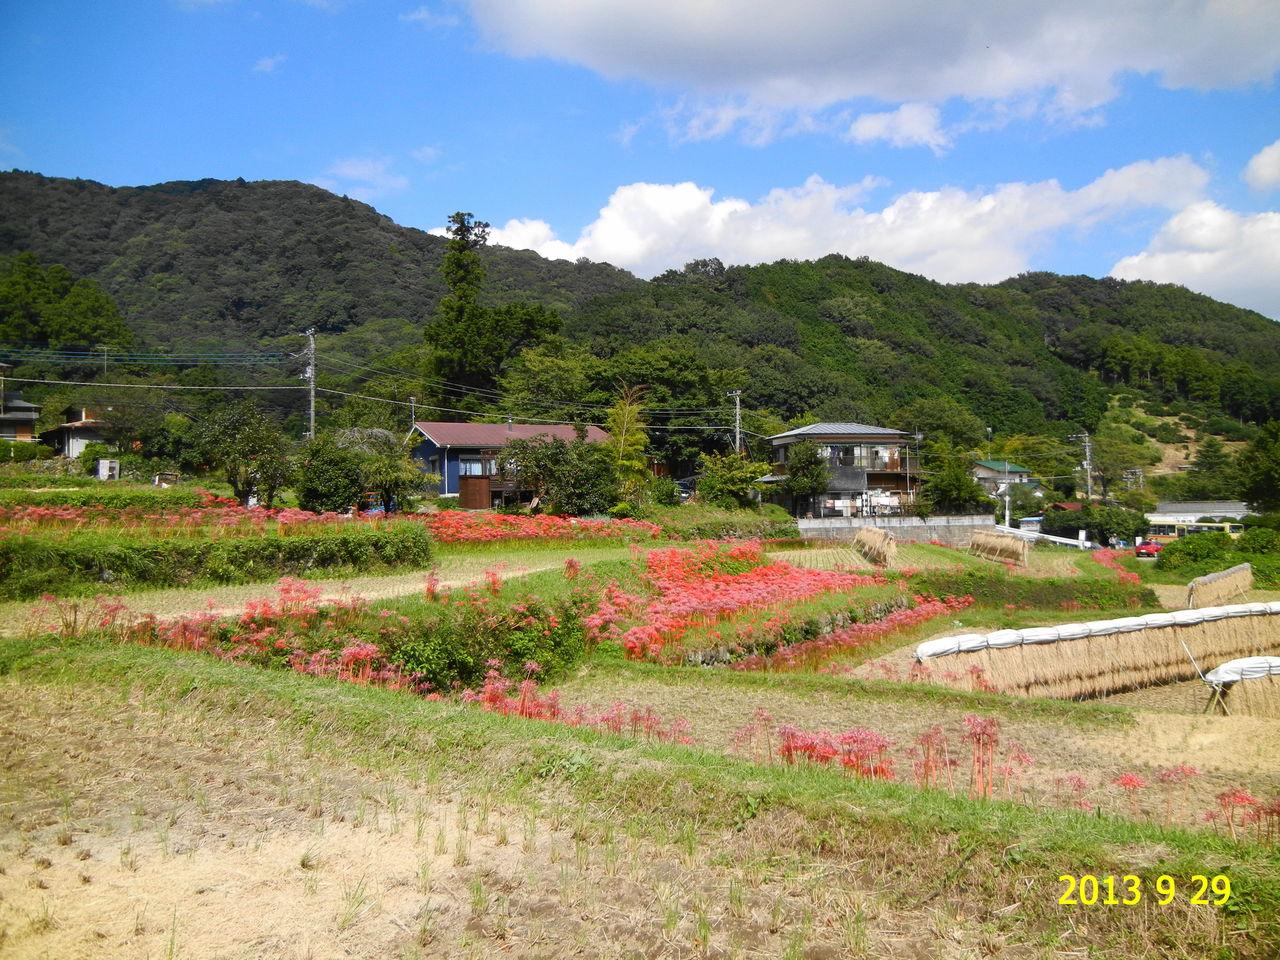 花 を ひ ろ う : 日向薬師のヒガンバナ 神奈川県伊勢原市日向